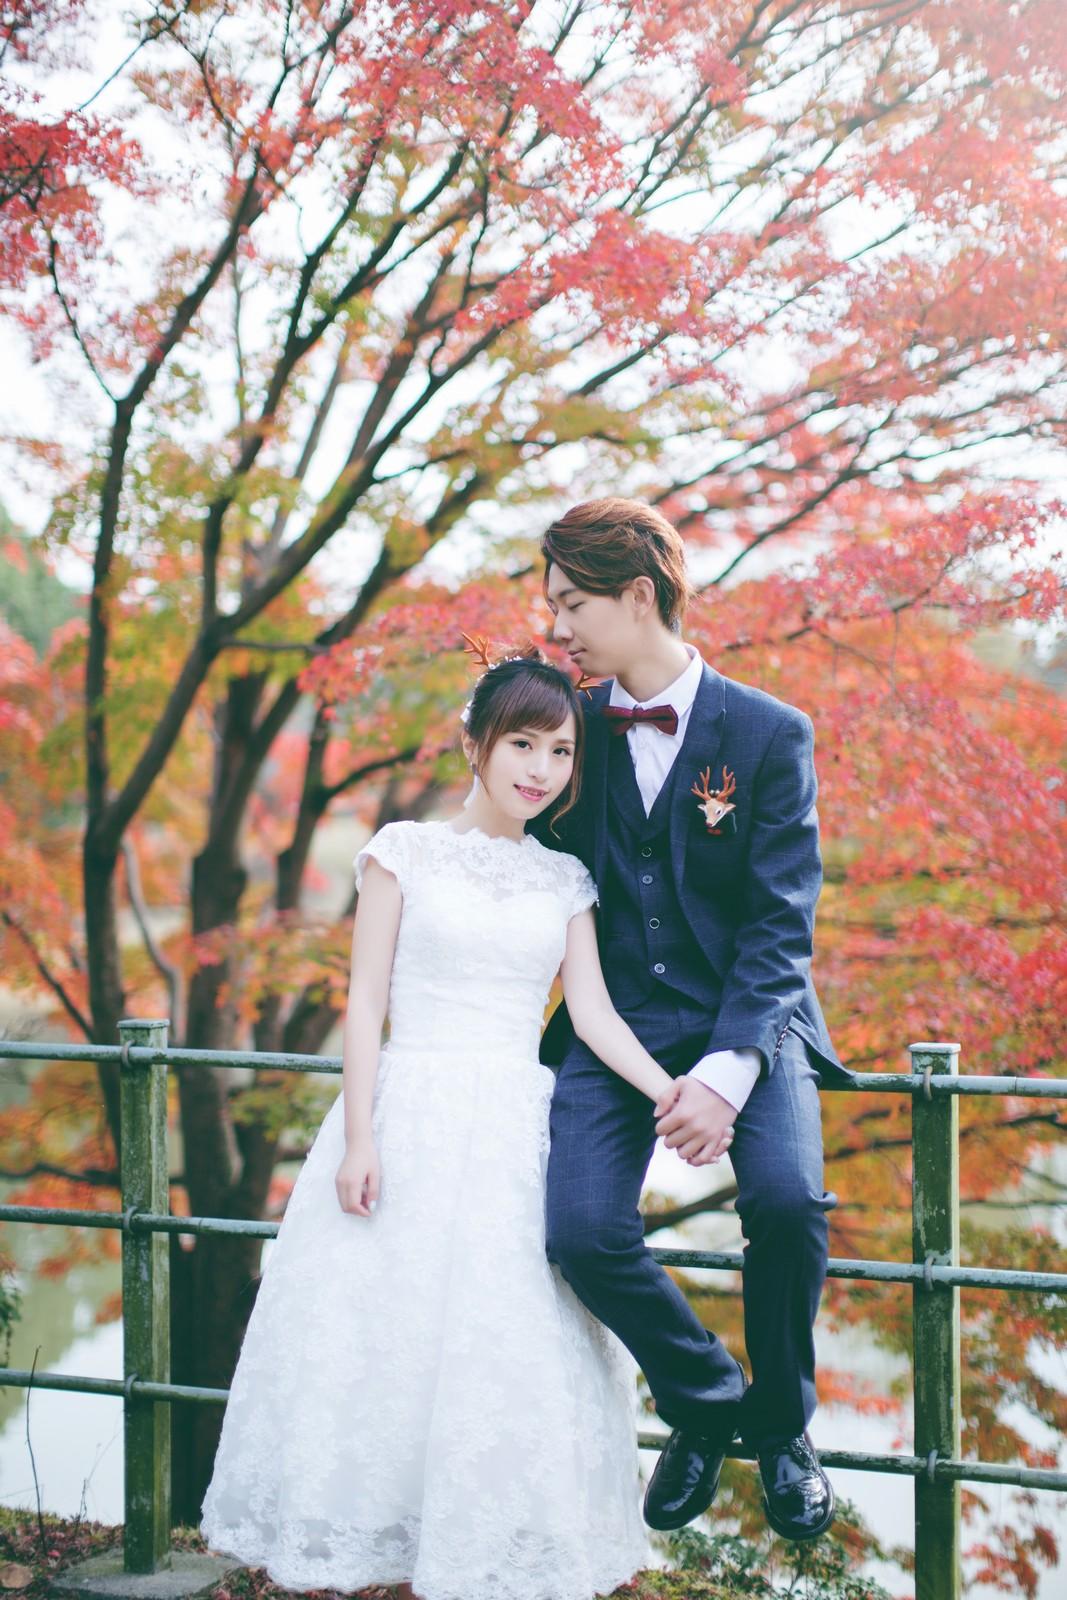 海外婚紗,日本拍婚紗,海外婚紗推薦,海外婚紗2020